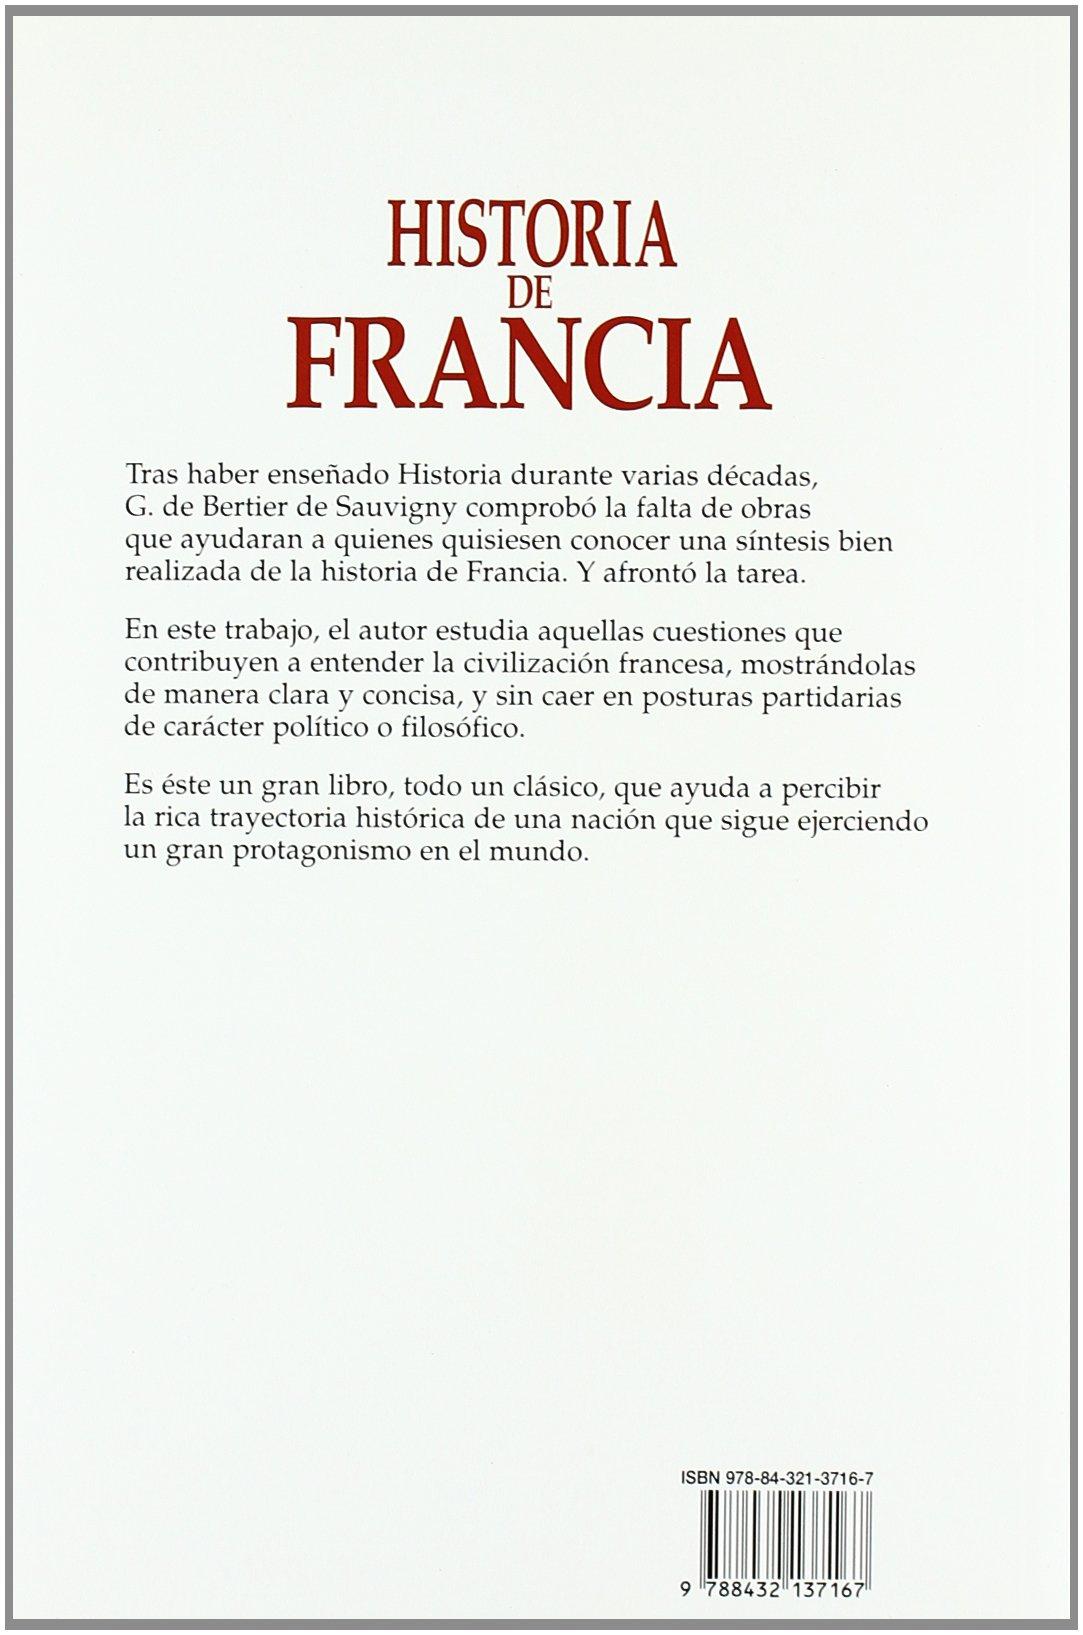 Historia de Francia (Historia y Biografías): Amazon.es: Bertier de Sauvigny, G.: Libros